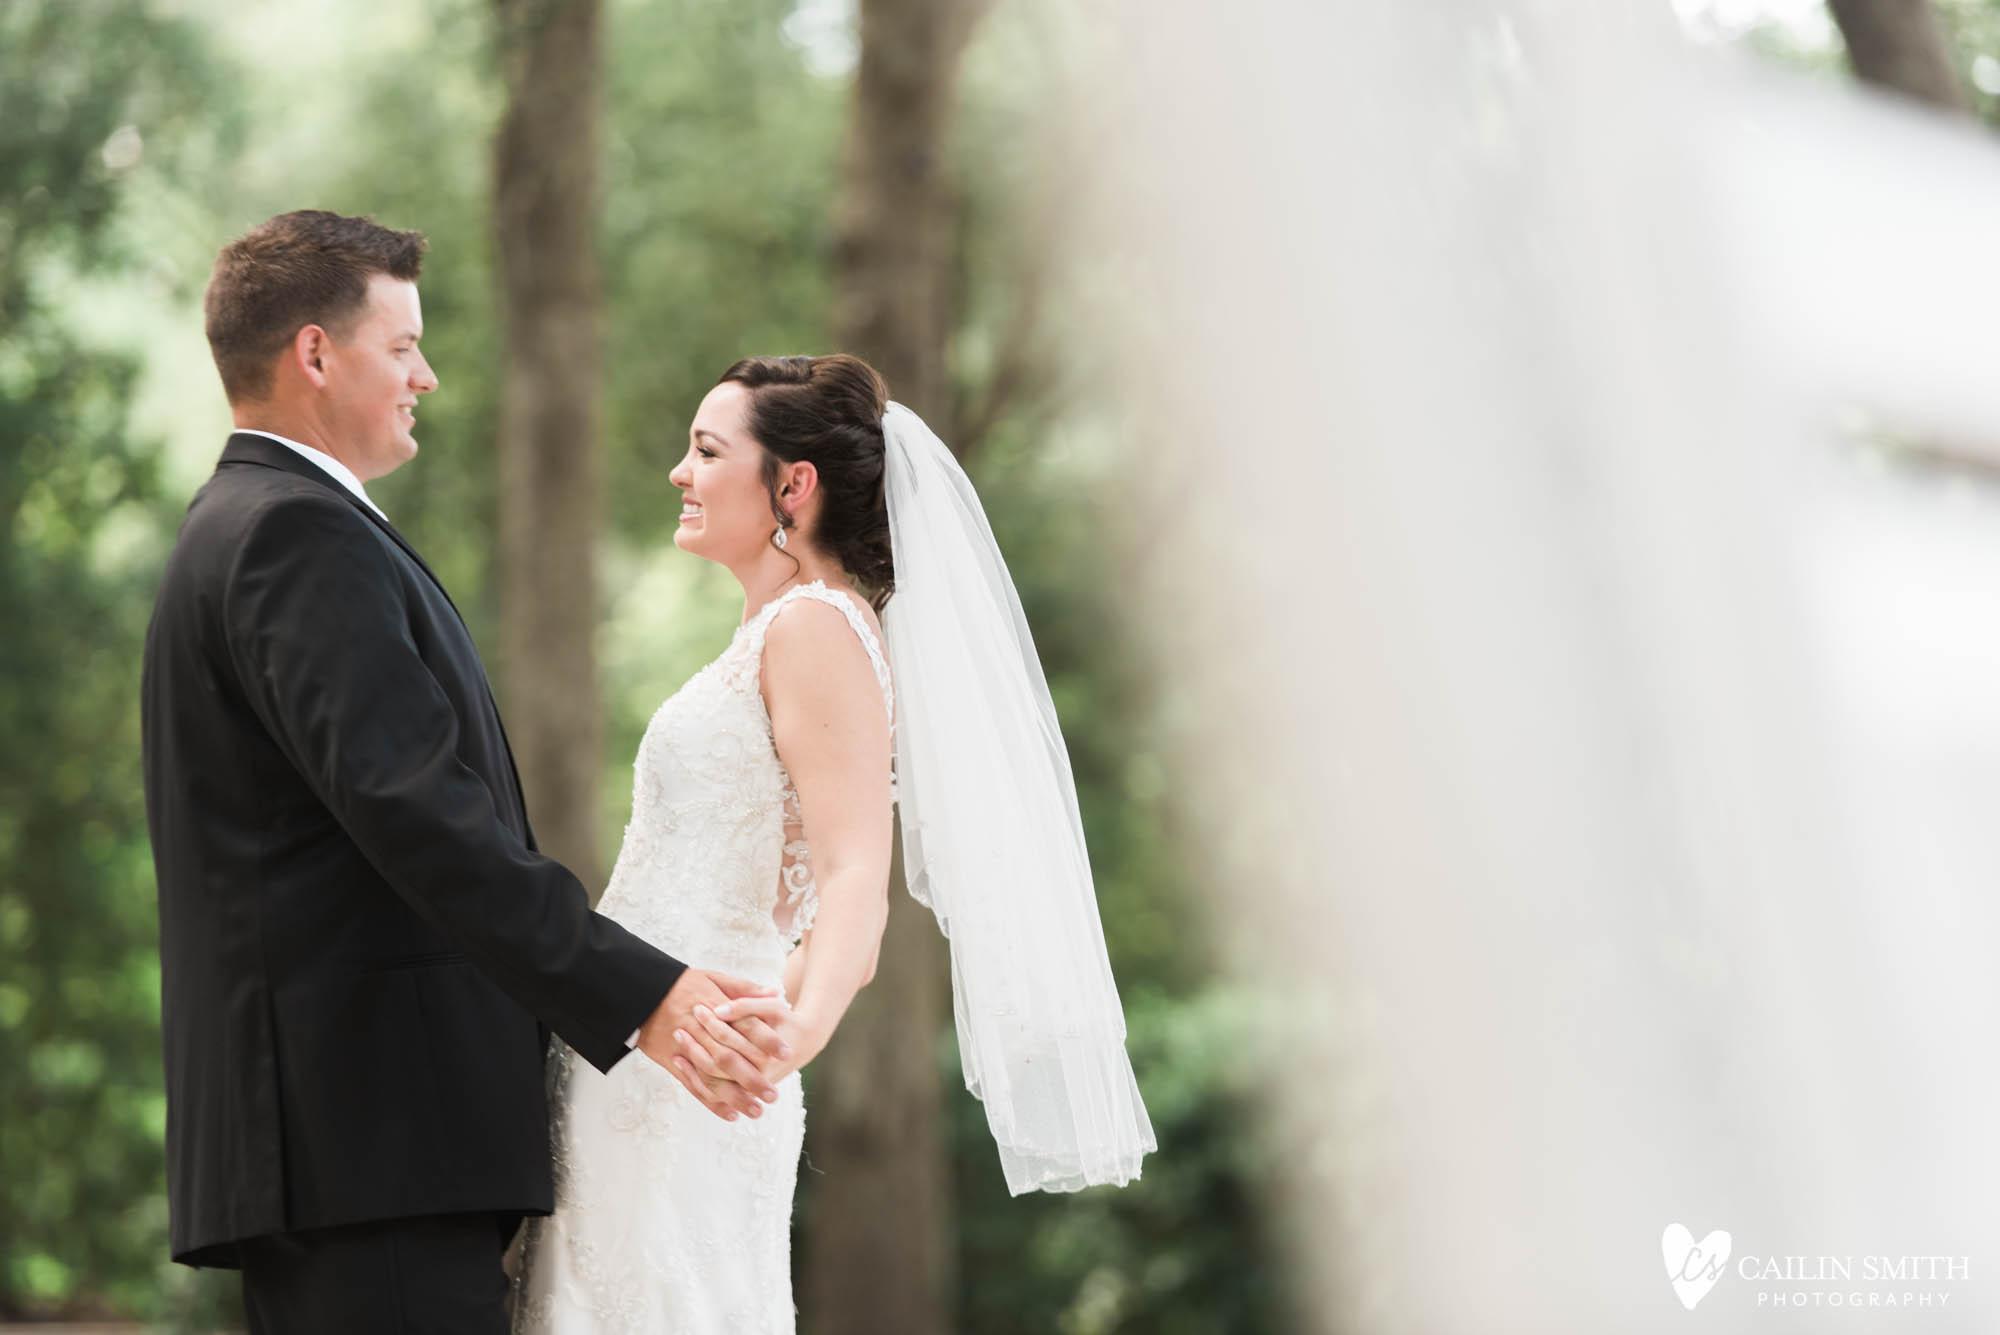 Bethany_Kyle_Bowing_Oaks_Plantation_Wedding_Photography_0035.jpg